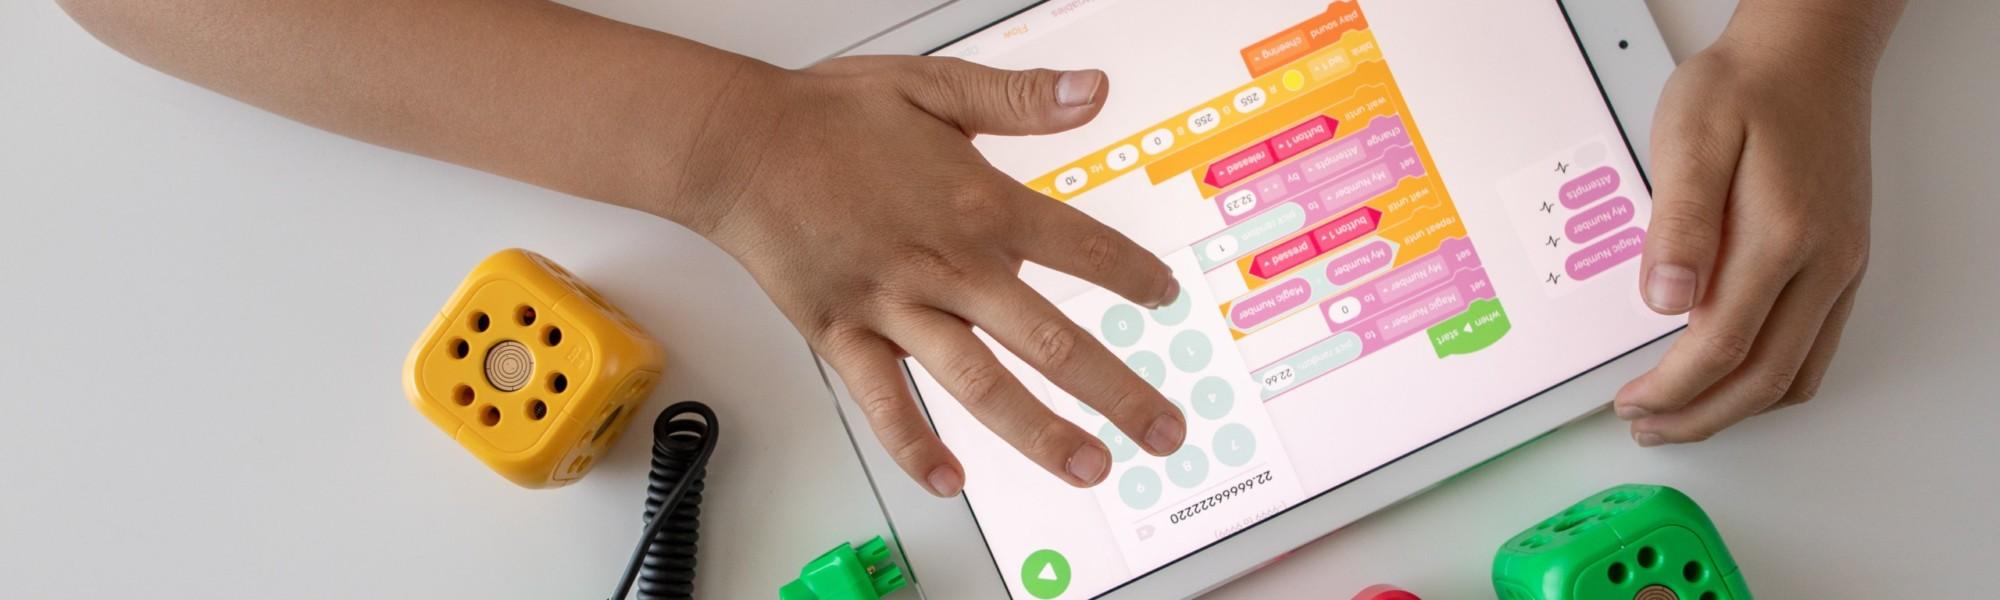 Kuvassa näkyy tablettitietokone ja kädet.